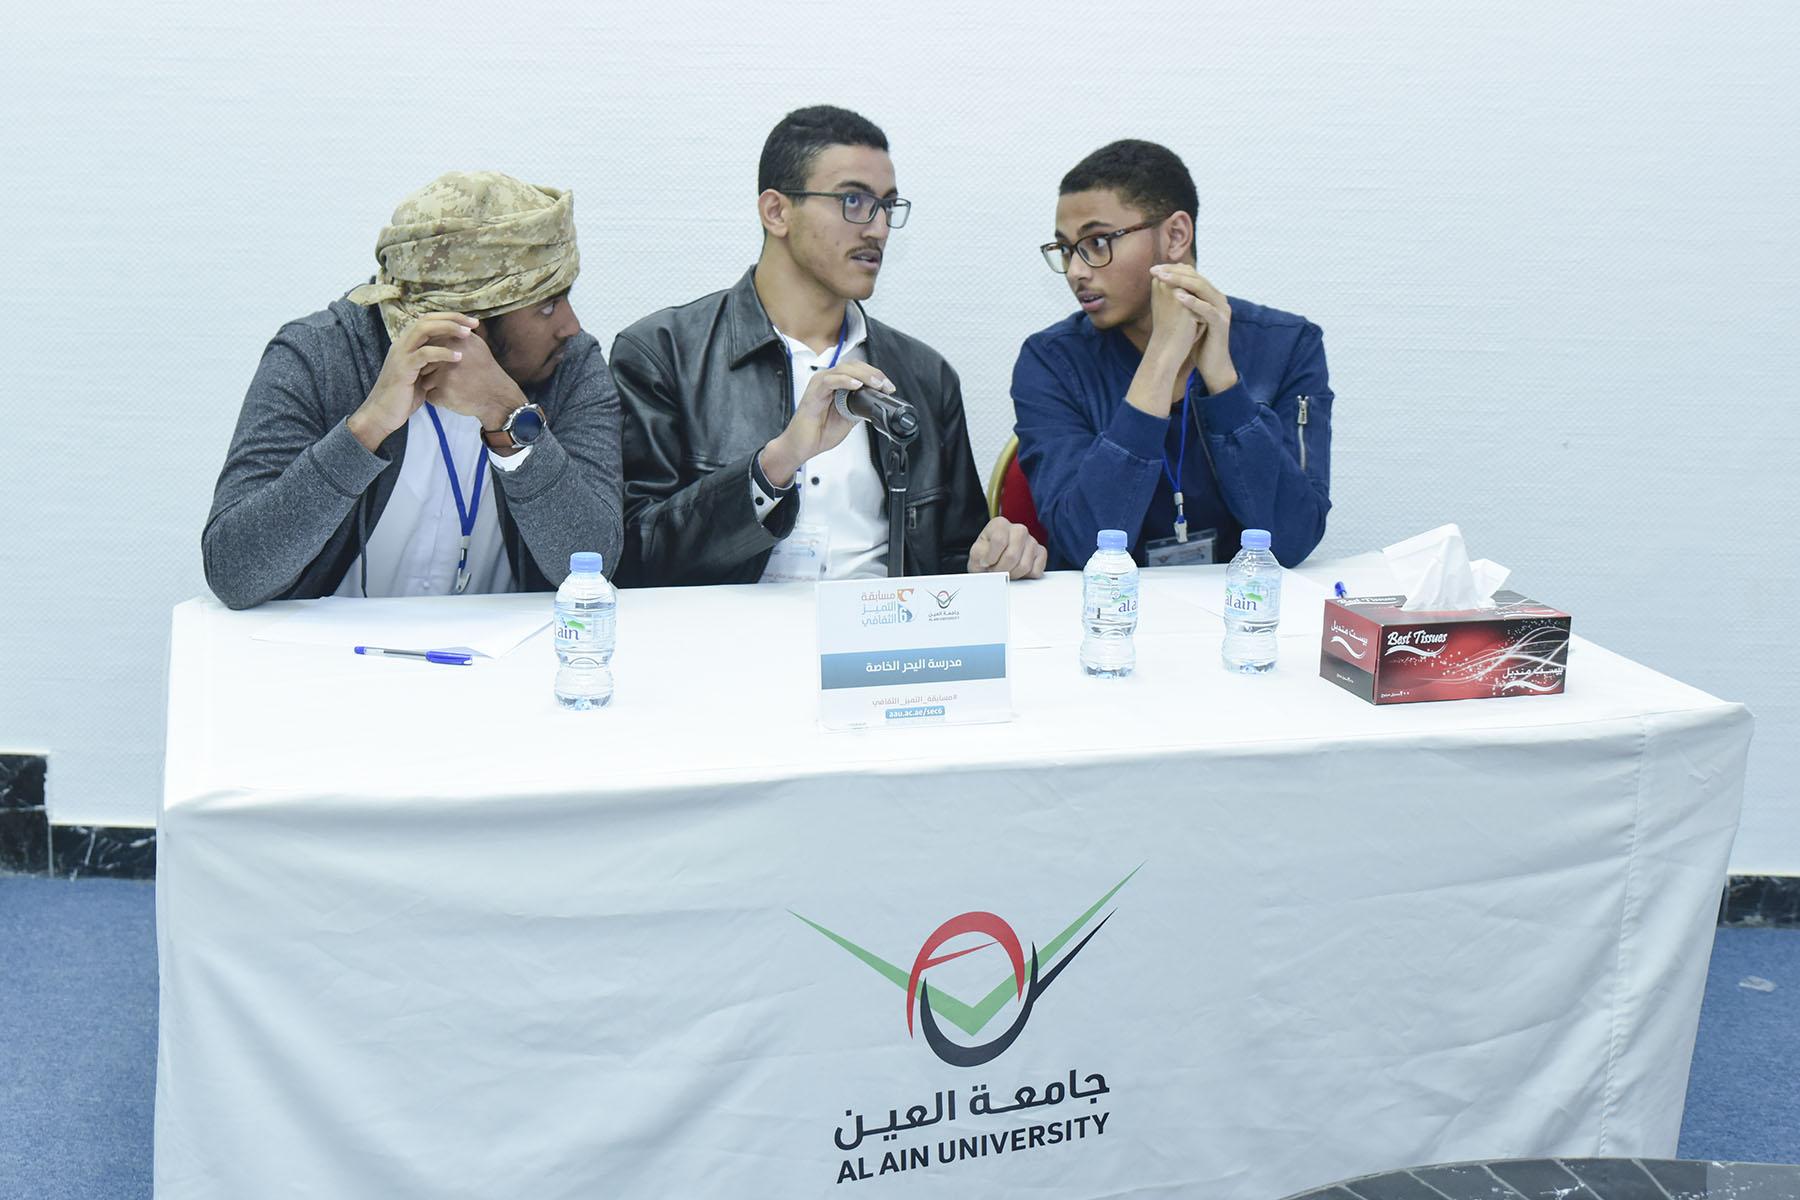 اليوم الخامس (مدرسة الإمارات الخاصة ضد مدرسة اليحر الخاصة)